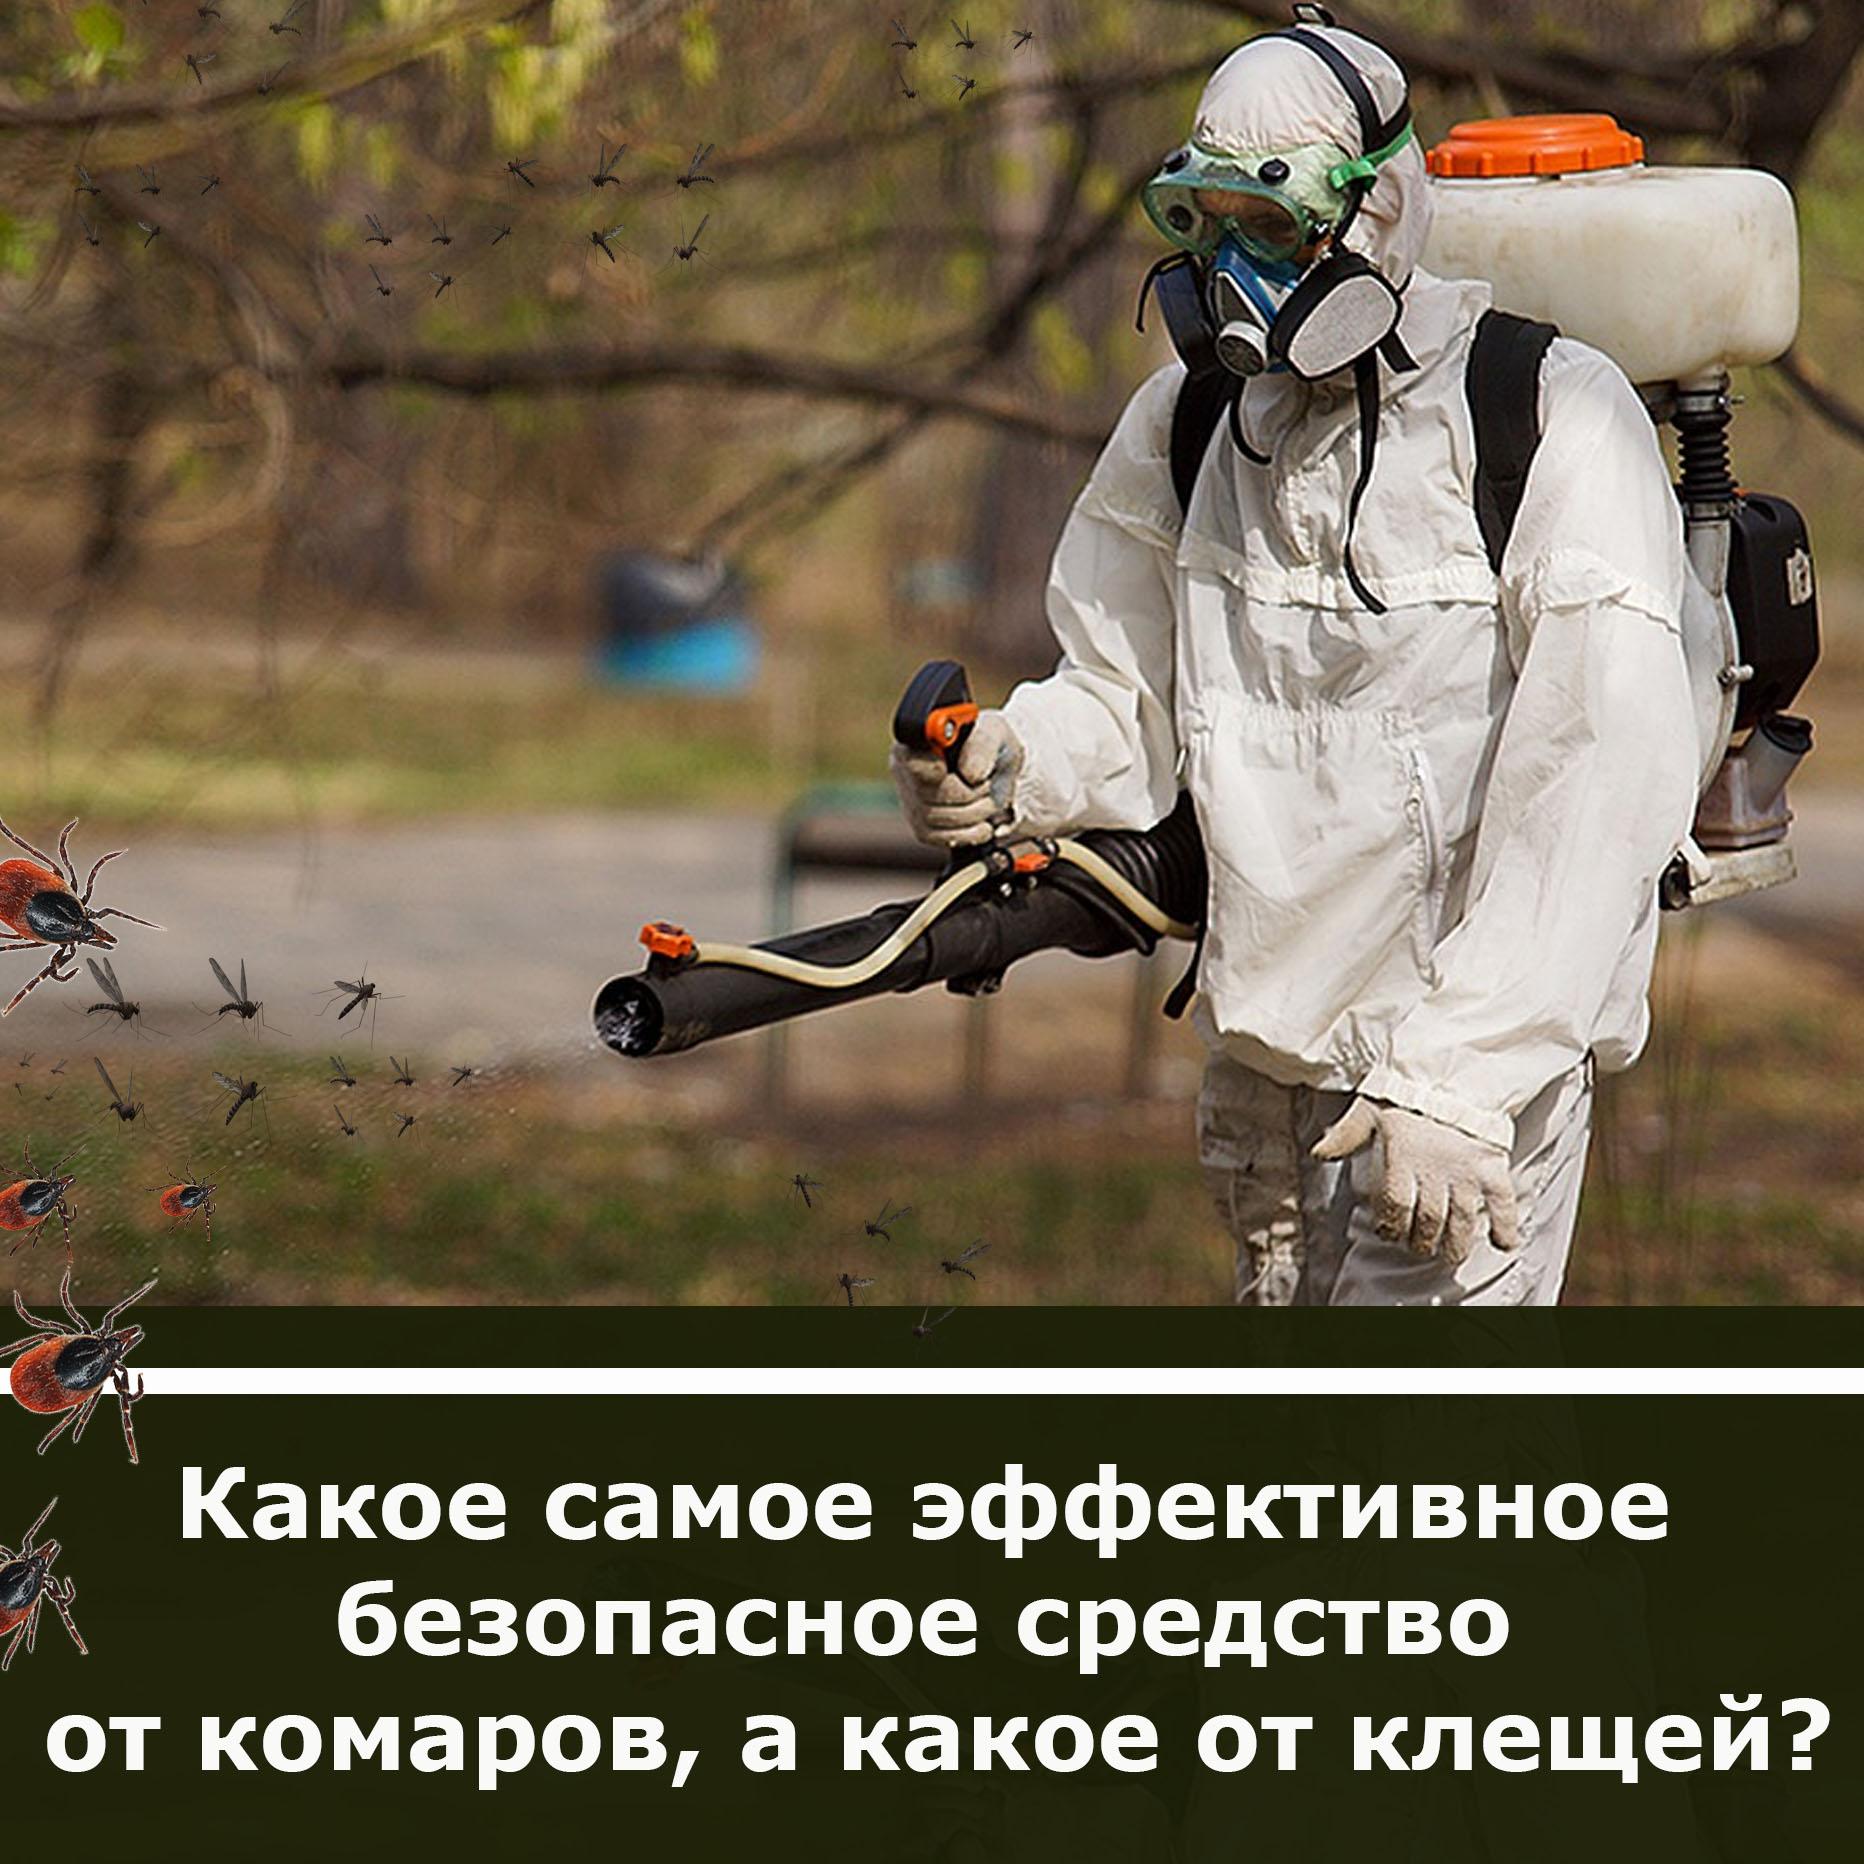 473 комары клещи